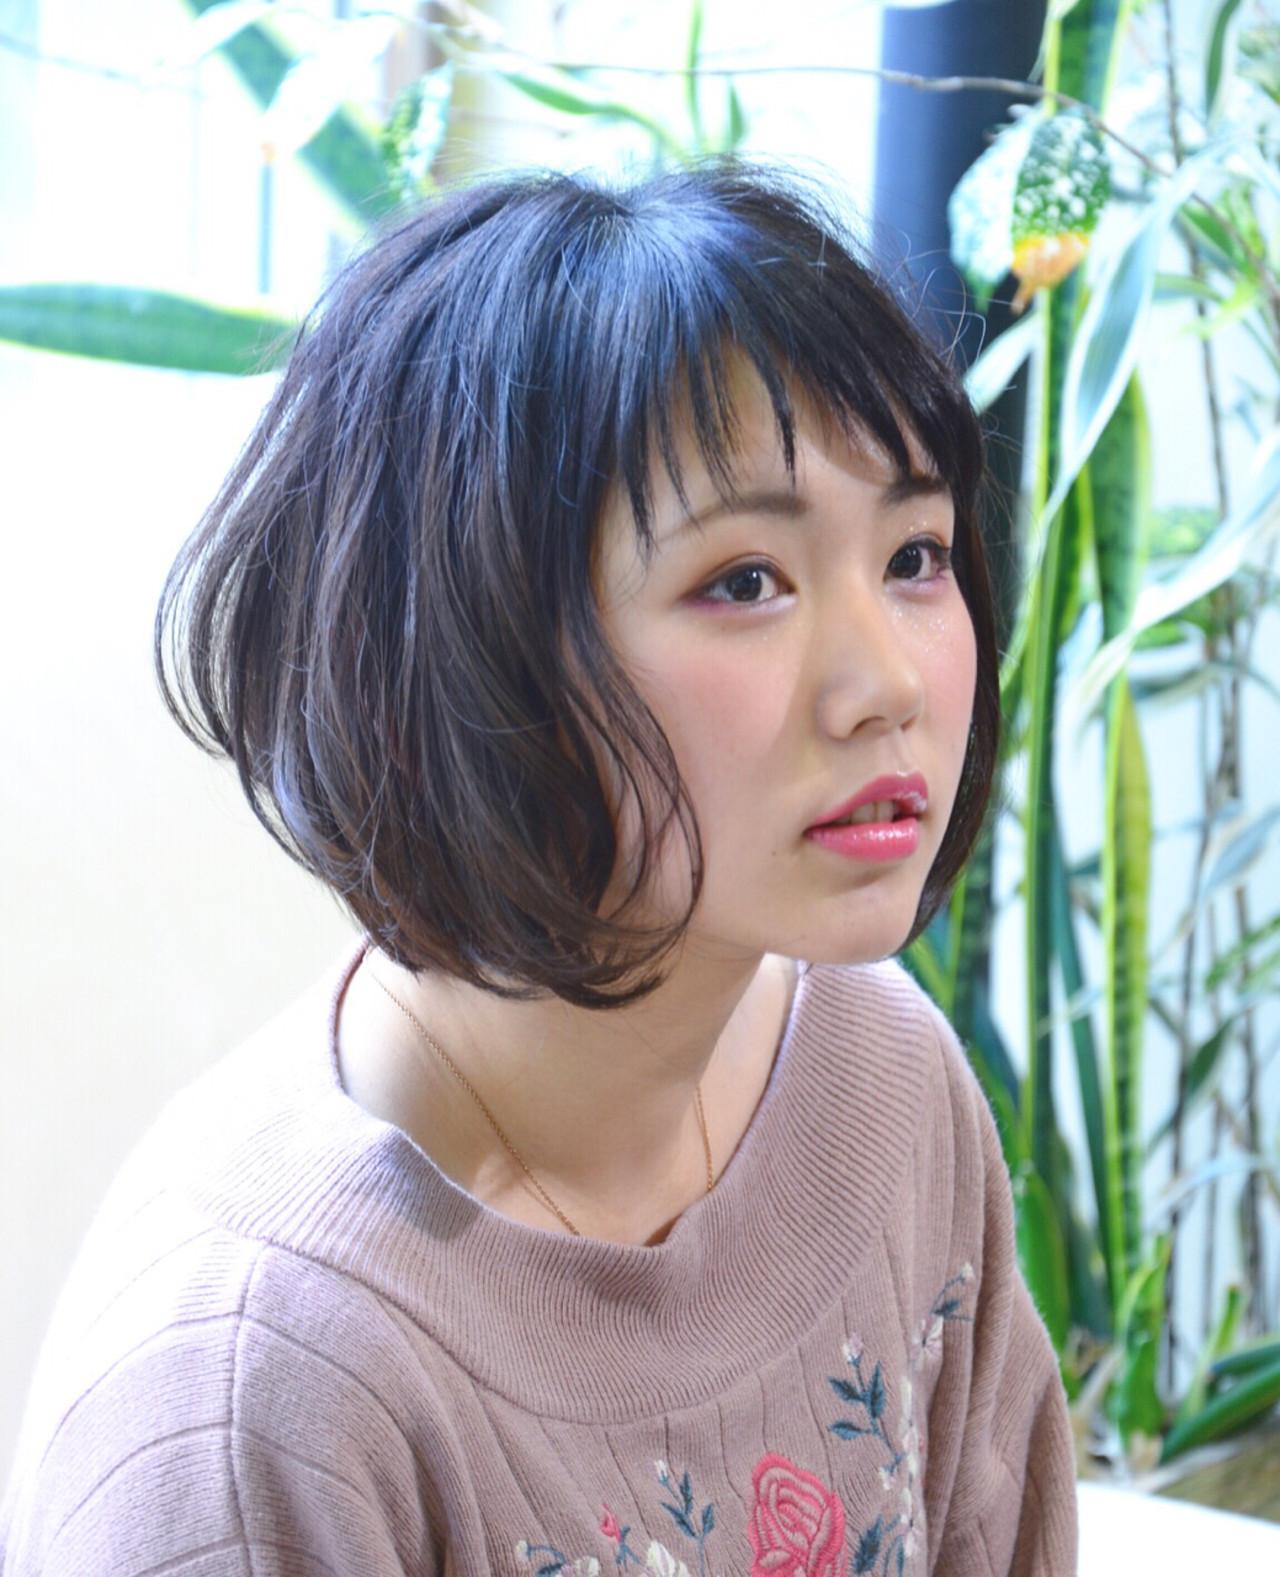 小顔 ニュアンス 似合わせ ショート ヘアスタイルや髪型の写真・画像